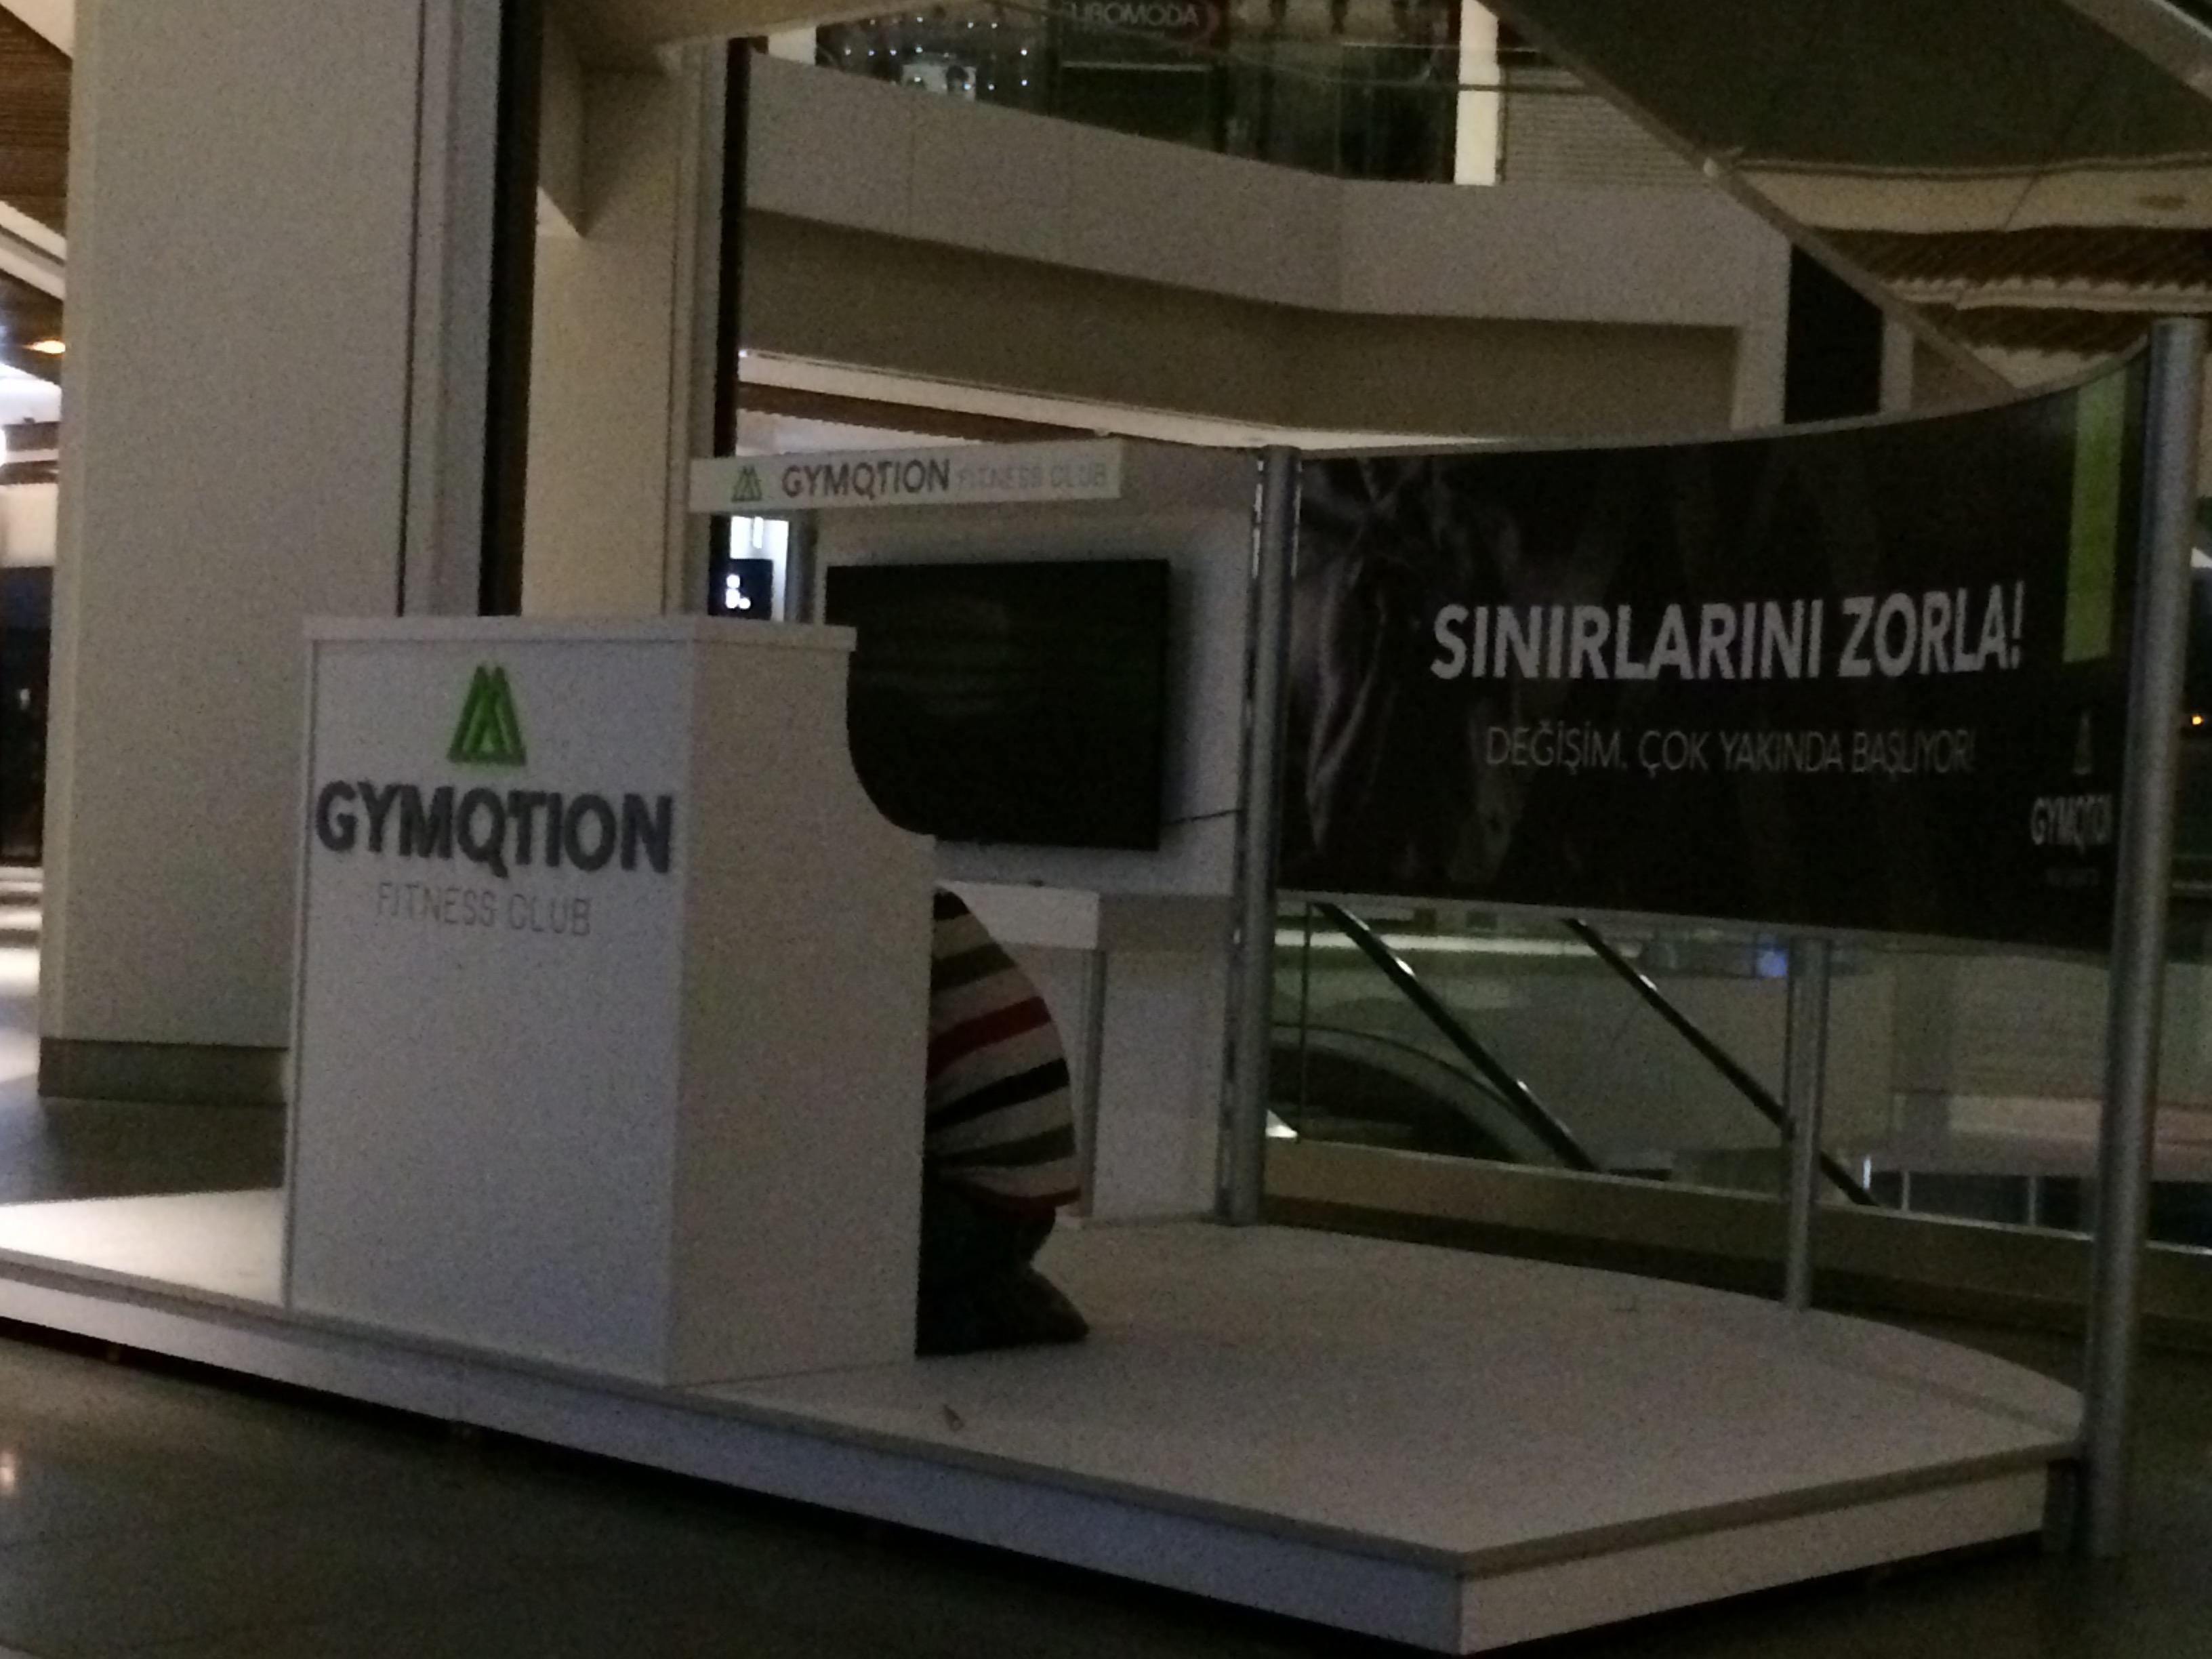 Gymotıon